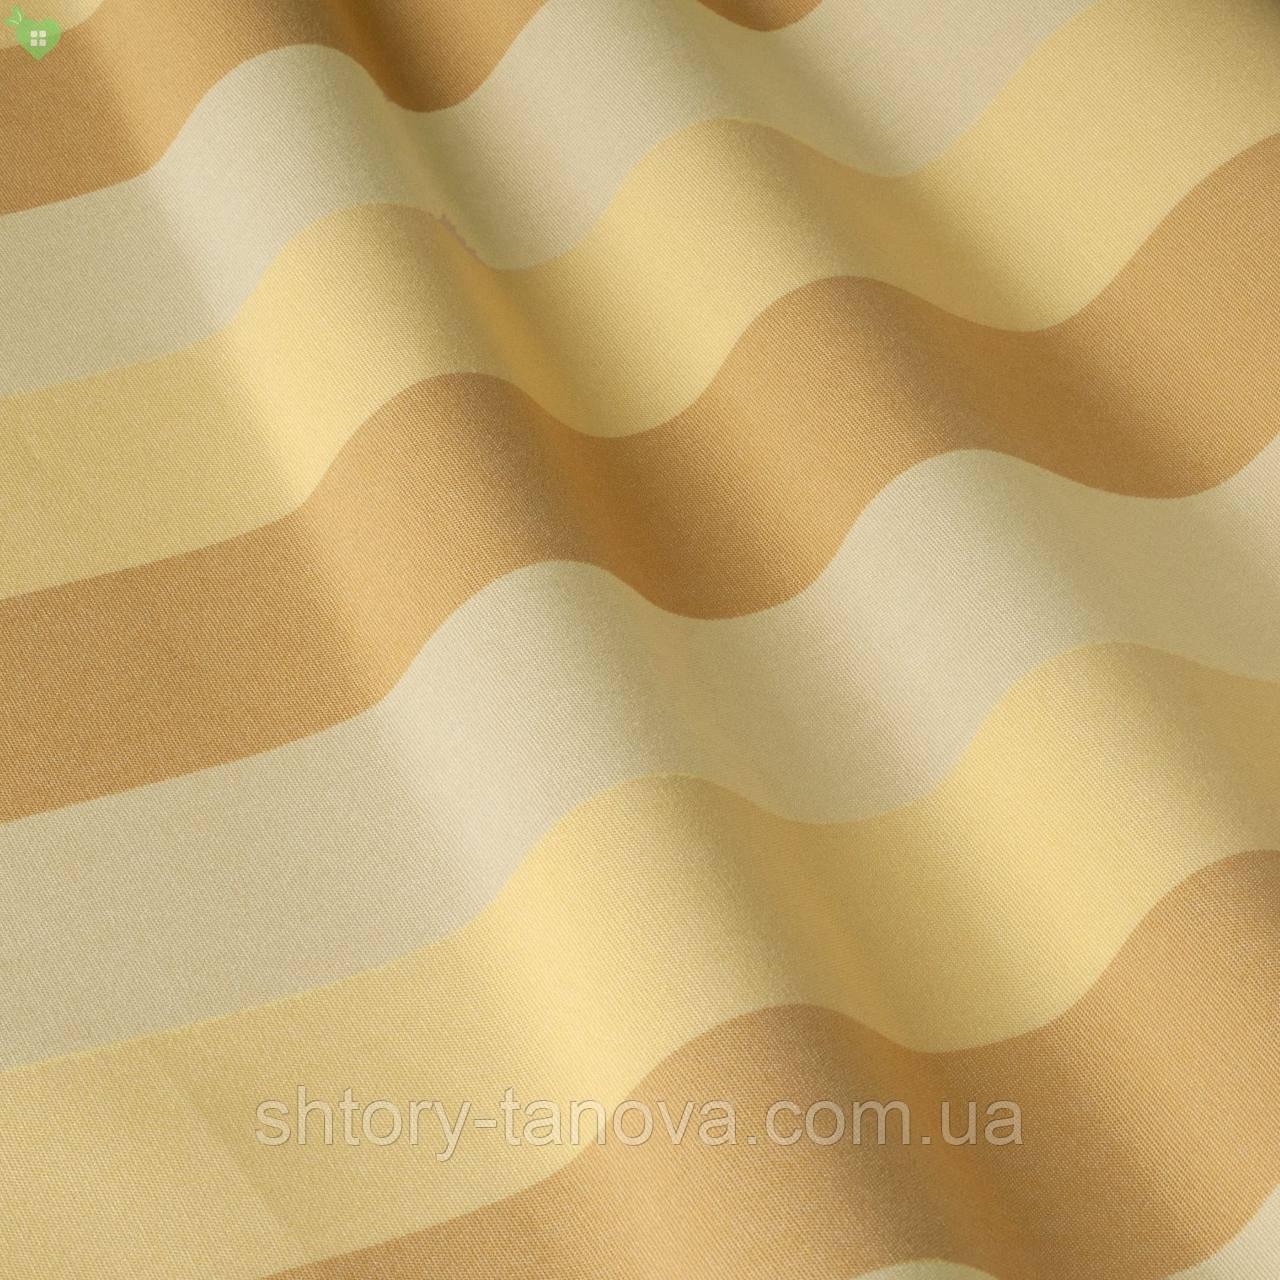 Уличная декоративная ткань для шторы на открытую веранду в полоску коричневого бежевого и желтого цвета